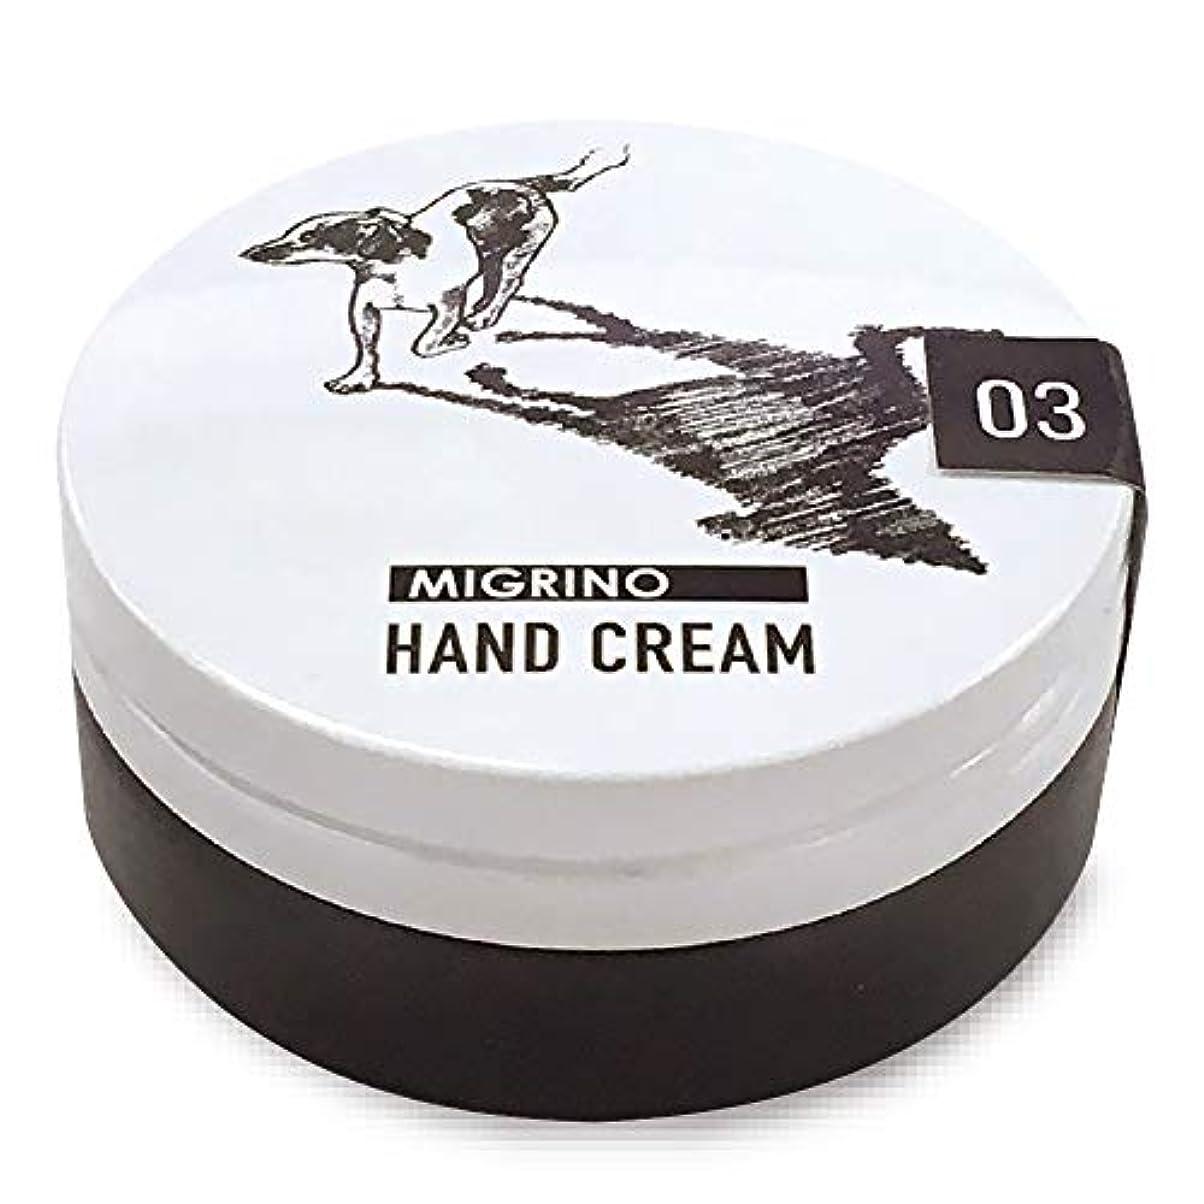 表示フォーク顕著ノルコーポレーション ハンドクリーム パドロール 保湿成分配合 PAD-9-03 ベルガモットの香り 60g